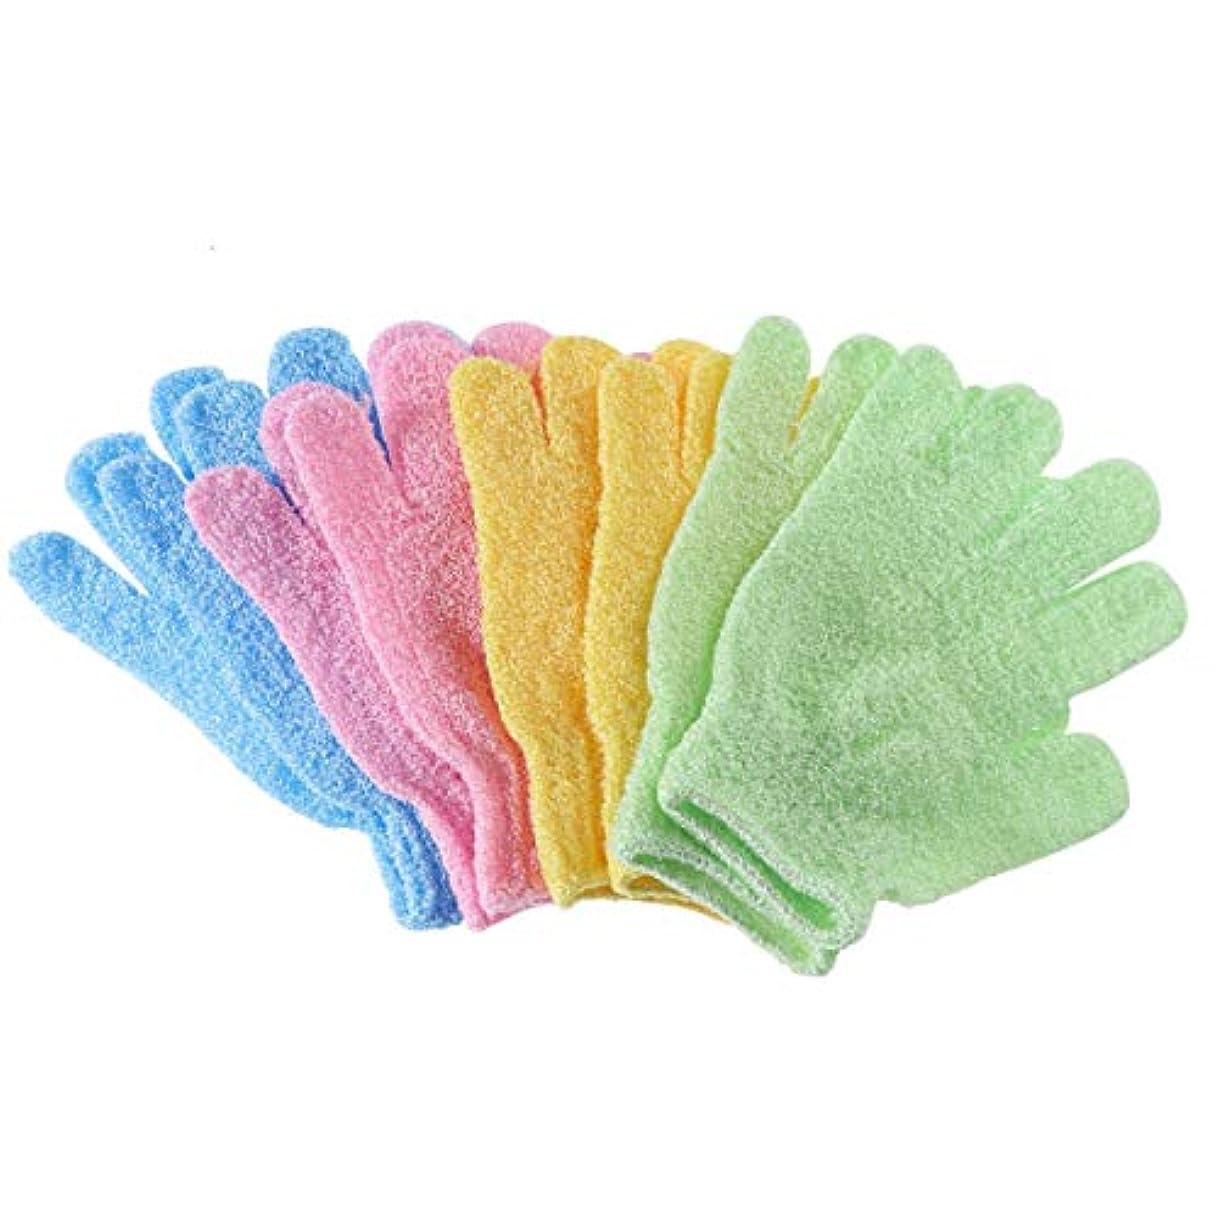 鉱夫適格申請者Frcolor シャワーバスグローブ 沐浴手袋 ナイロン ボディスクラブ エクスフォリエーター 4ペア入 ランダムカラー